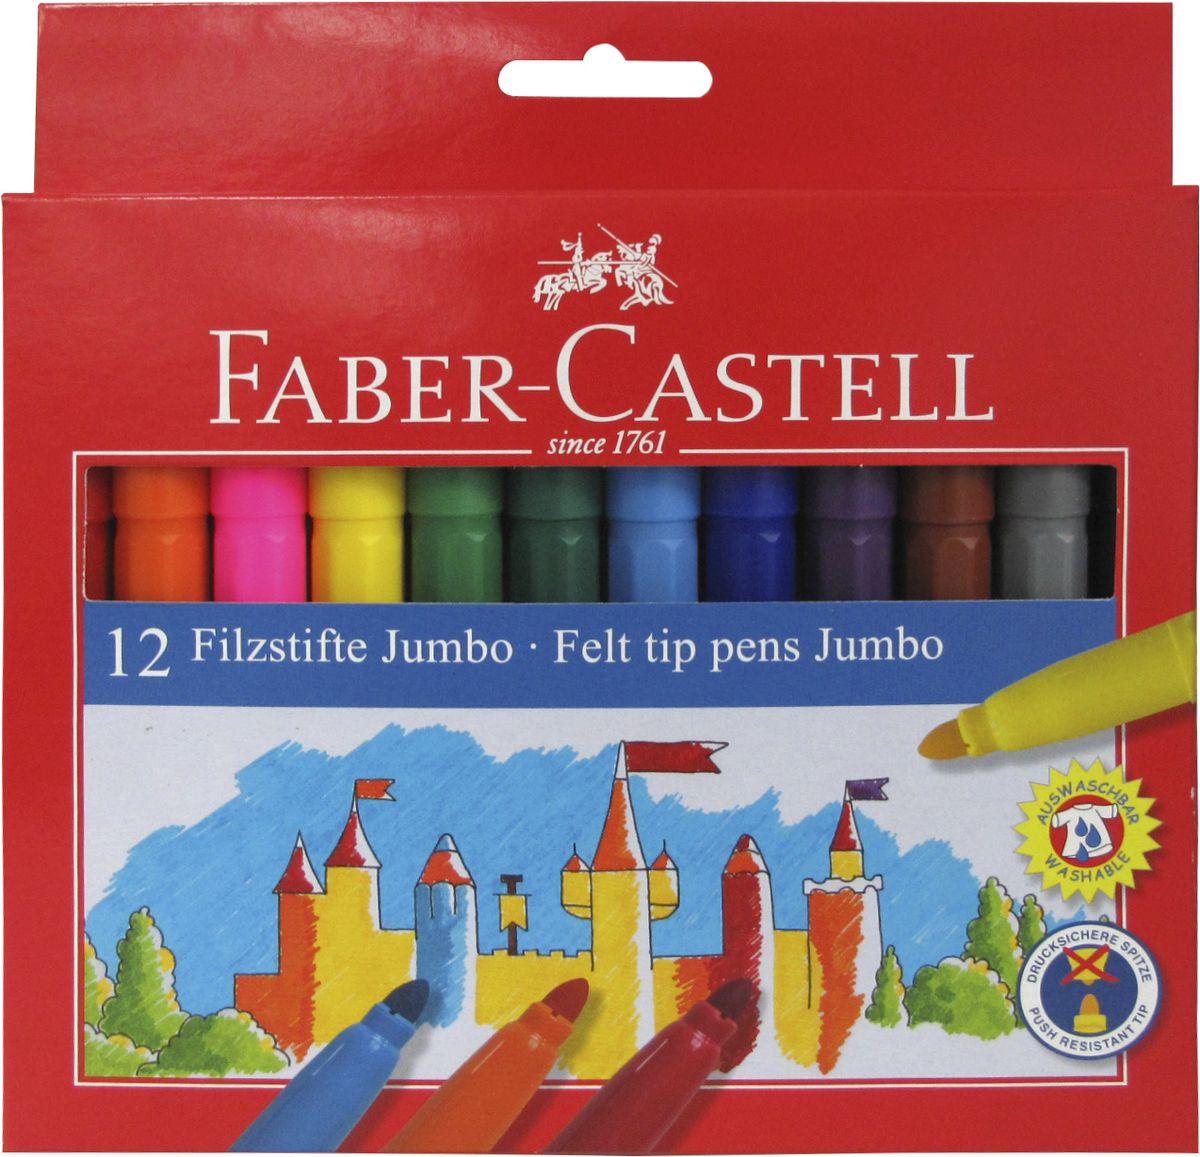 Faber-Castell Фломастеры Jumbo 12 цветовFS-36052Фломастеры Faber-Castell помогут маленькому художнику раскрыть свой творческий потенциал, рисовать и раскрашивать яркие картинки, развивая воображение, мелкую моторику и цветовосприятие. В наборе Faber-Castell Jumbo 12 разноцветных фломастеров. Корпусы выполнены из пластика. Чернила на водной основе окрашены с использованием пищевых красителей, благодаря чему они полностью безопасны для ребенка и имеют яркие, насыщенные цвета. Если маленький художник запачкался - не беда, ведь фломастеры отстирываются с большинства тканей. Вентилируемый колпачок надолго сохранит яркость цветов.Не рекомендуется детям до 3-х лет.